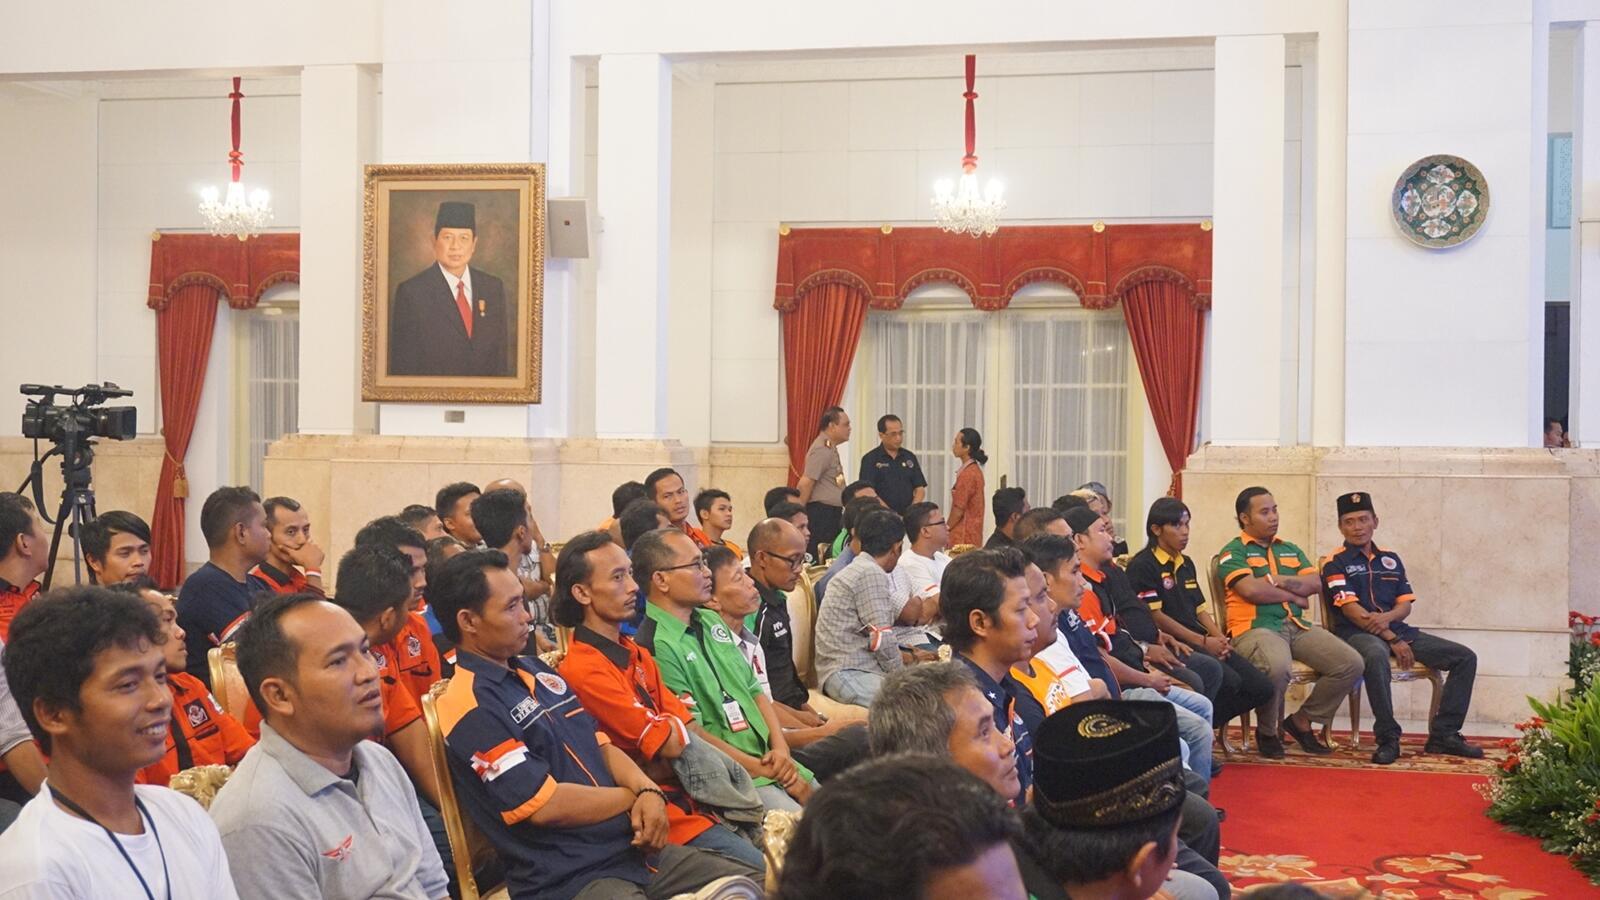 Sopir Truk Curhat ke Jokowi soal Pungli: Titik Rawan hingga Cap Khusus